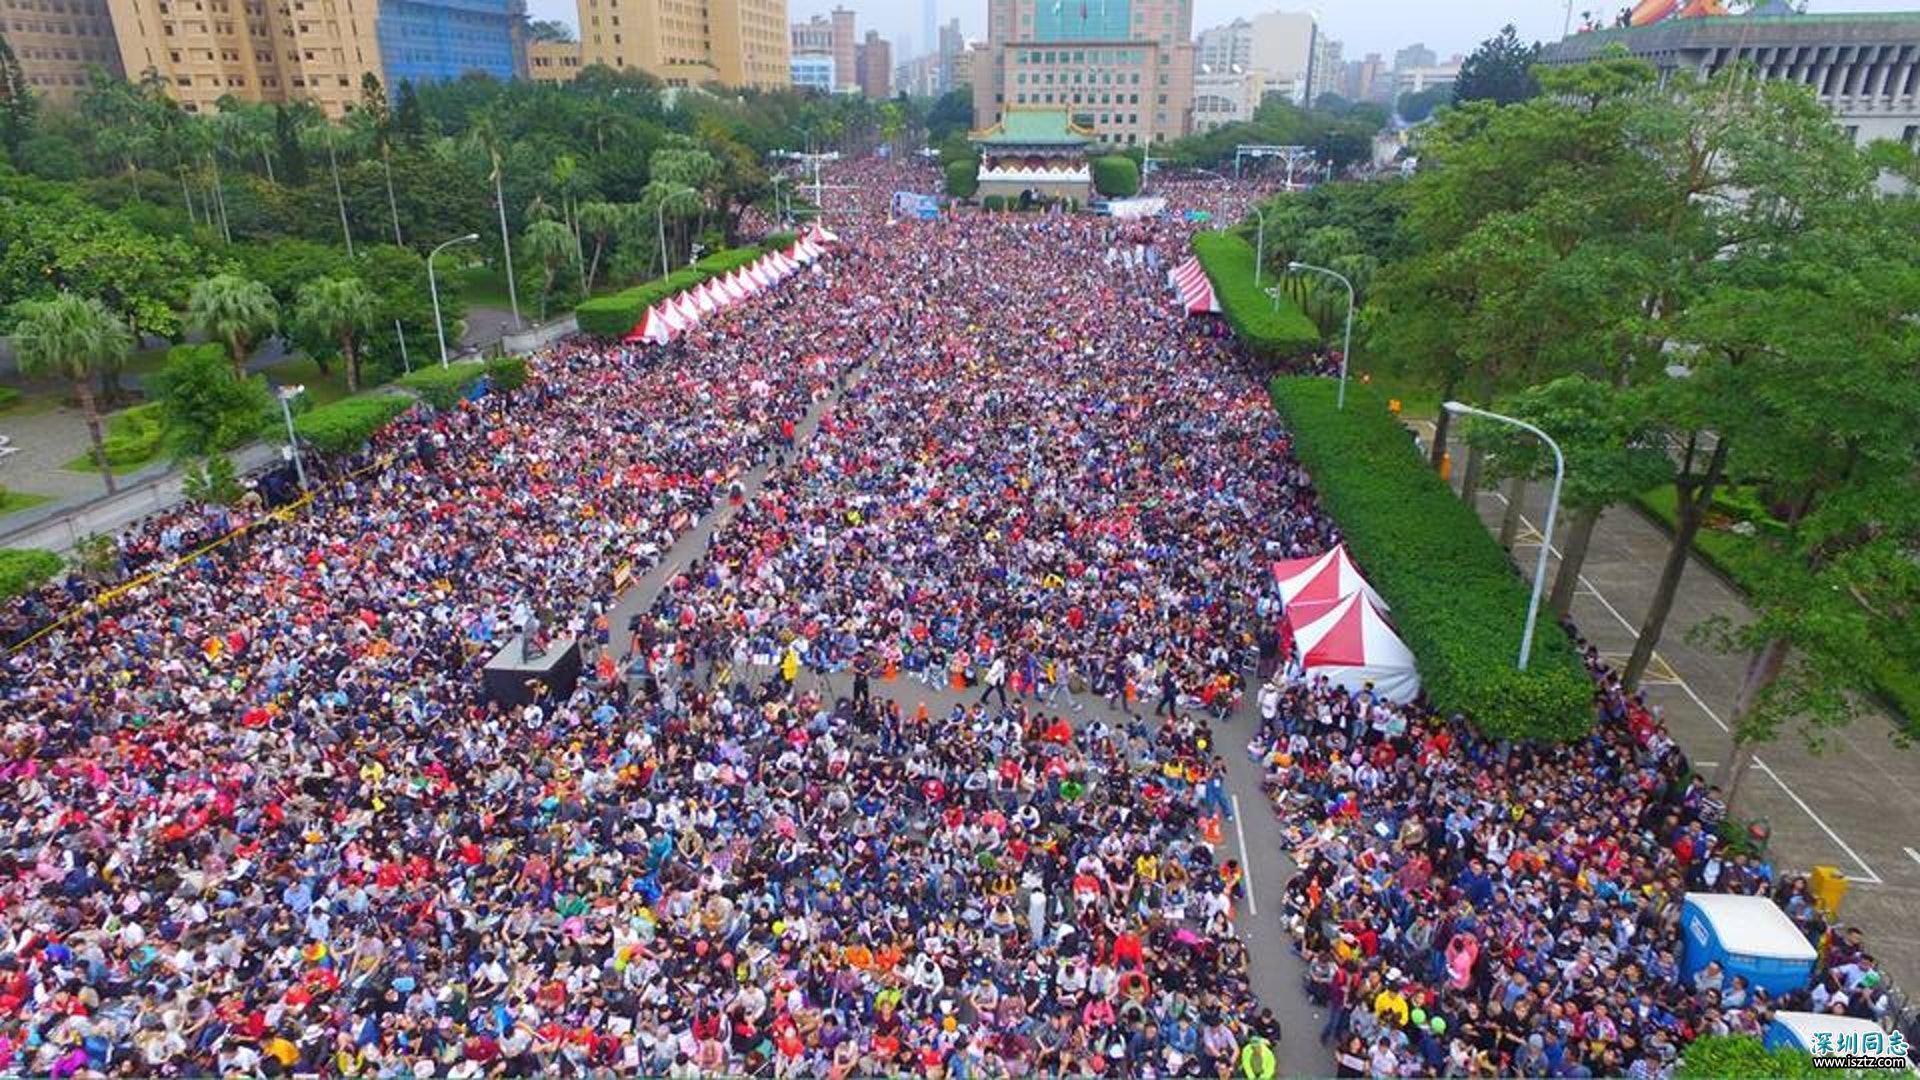 去年10月底,台灣的同志大遊行有8萬人上街,彩虹旗飄揚台北天空。不過兩個星期後,司法法制委員會審查婚姻平權草案,亦有2萬名反對同婚者包圍立法院。(婚姻平權大平台)